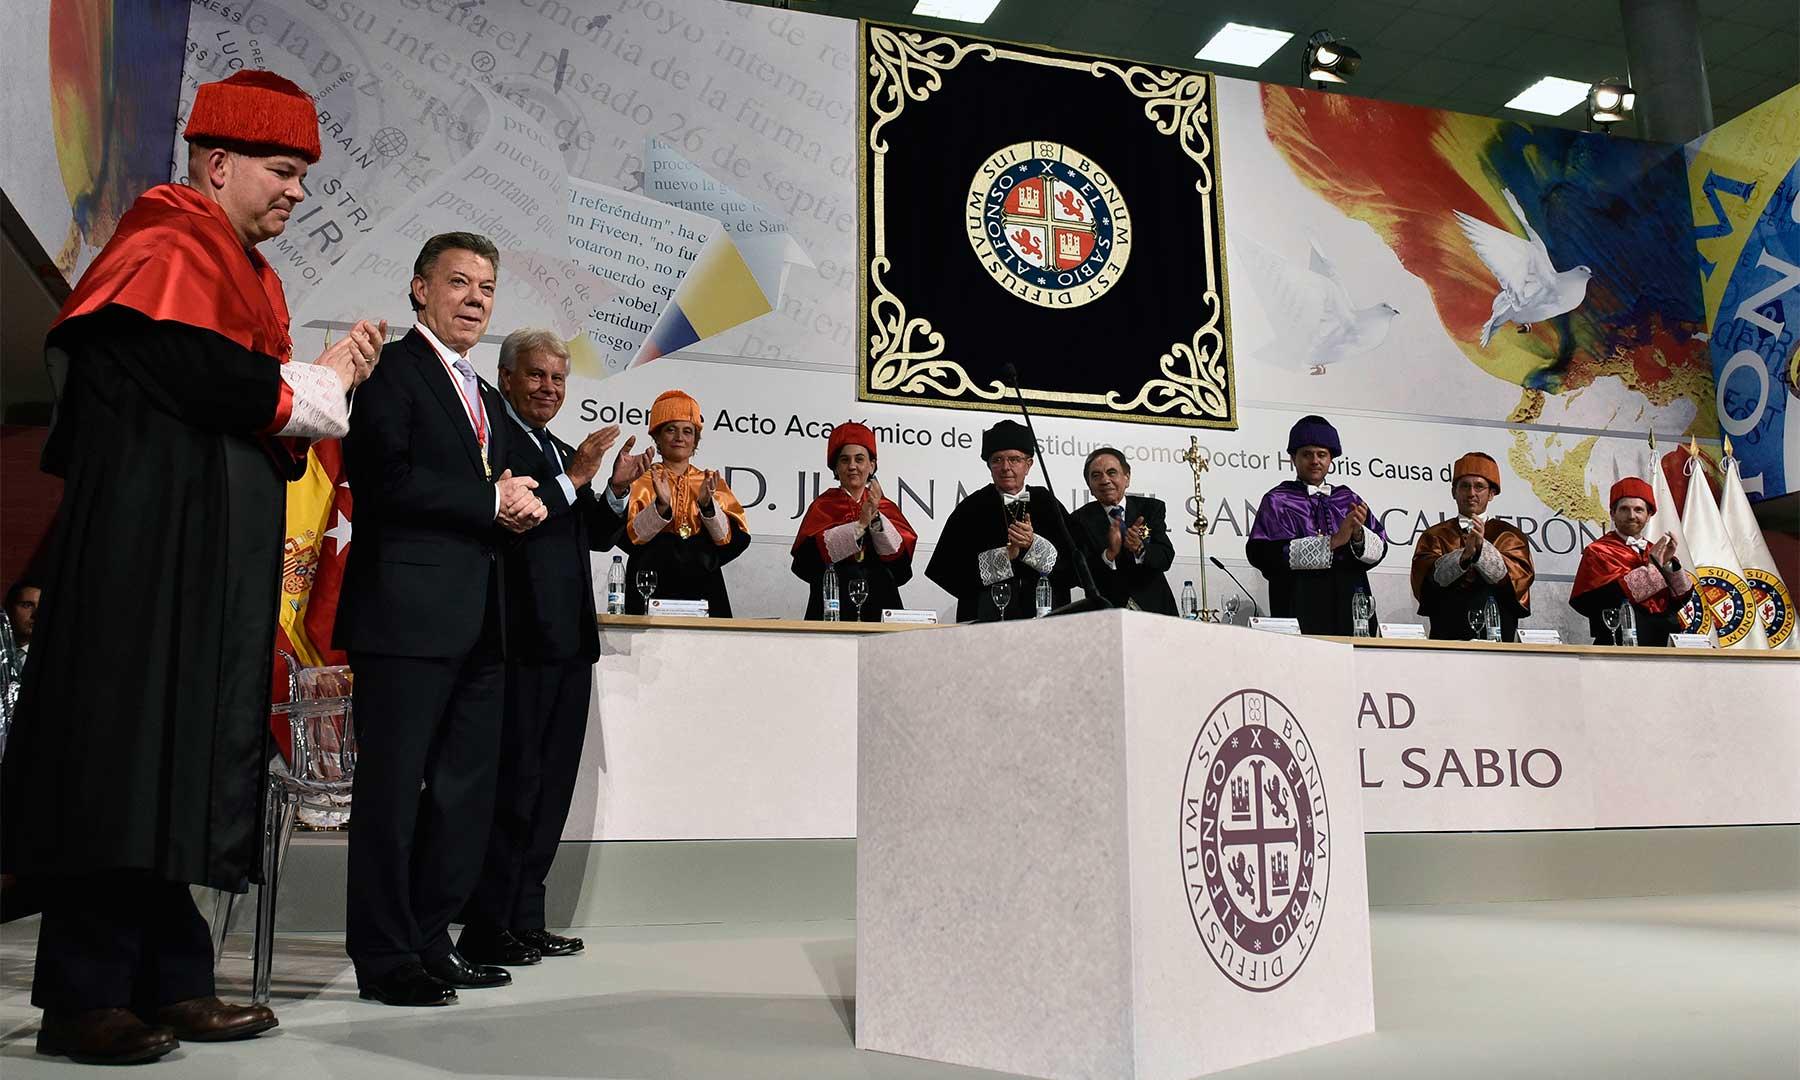 El auditorio de la Universidad Alfonso X El Sabio ofrece una ovación al Presidente y Premio Nobel de Paz 2016, Juan Manuel Santos, luego de su investidura como Doctor Honoris Causa.